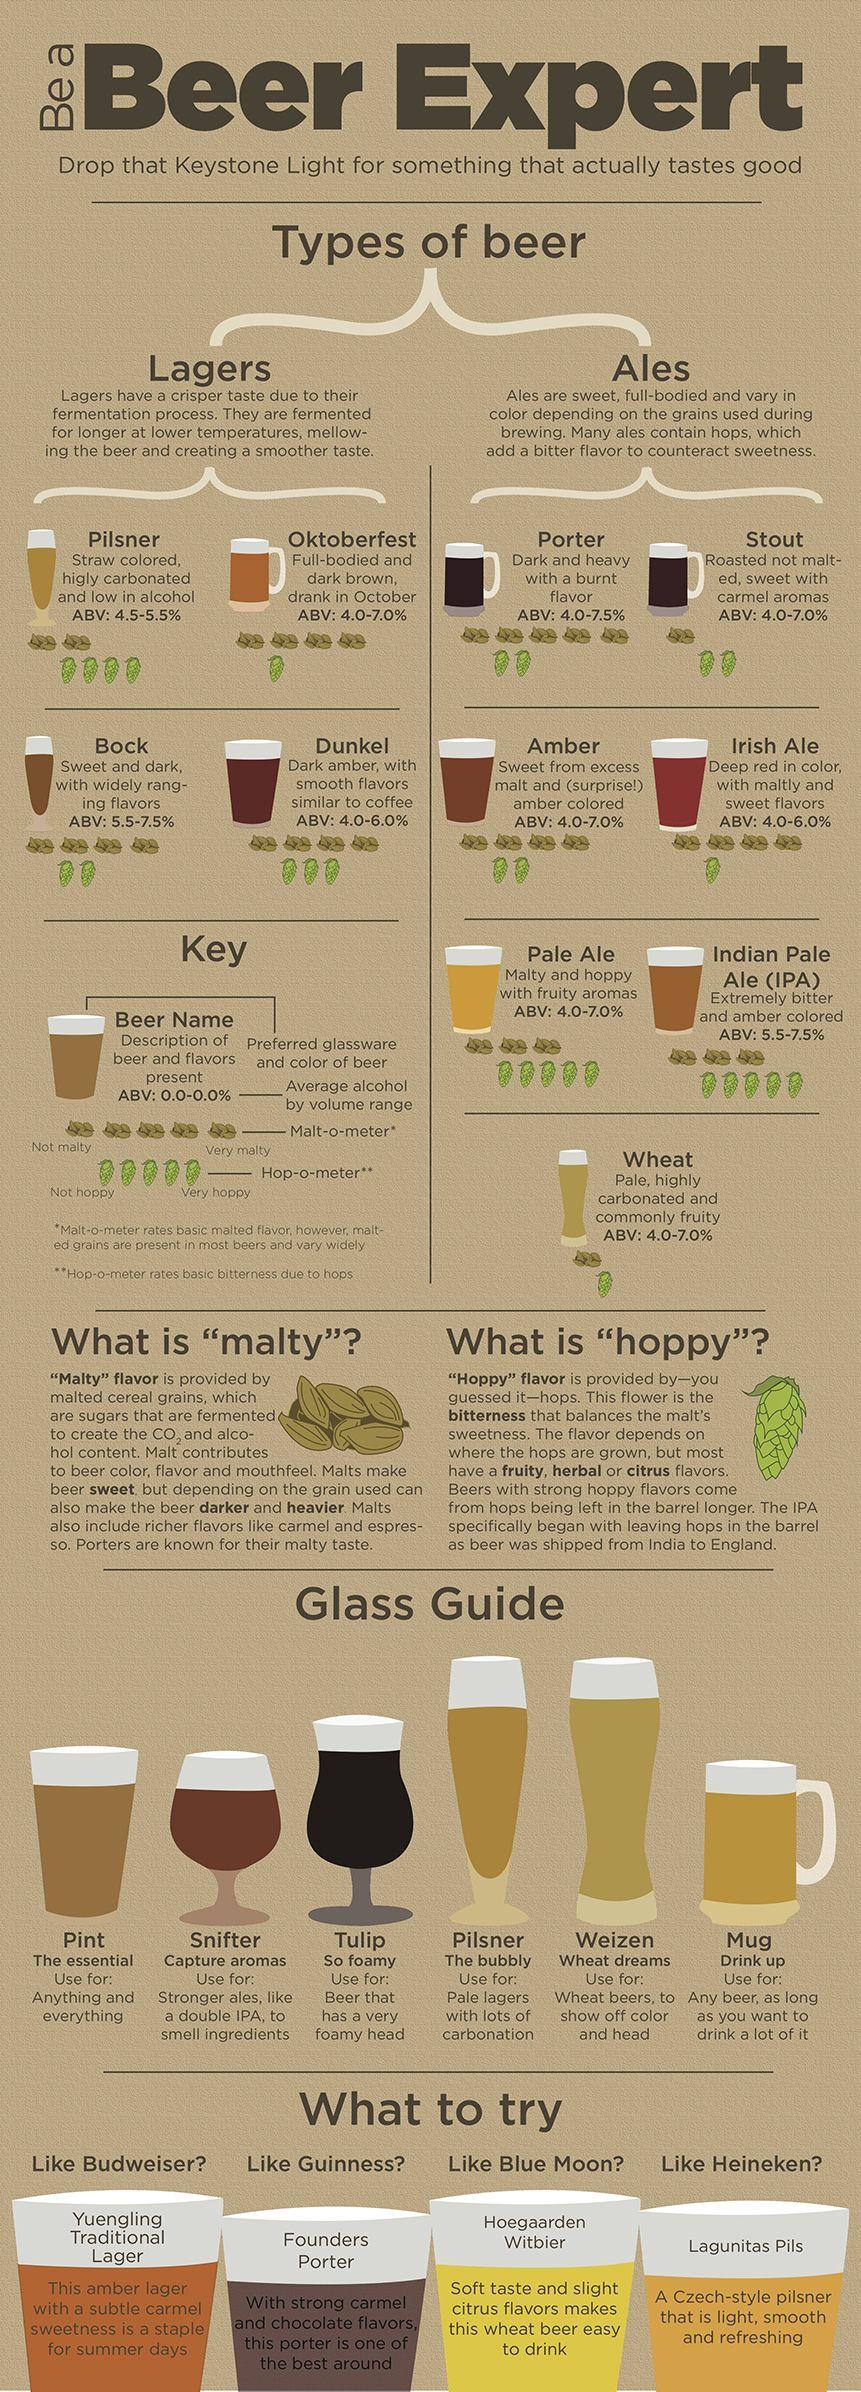 Pin By Daniela Haight On Craft Beer Craft Beer Drinker Beer Types Beer Guide